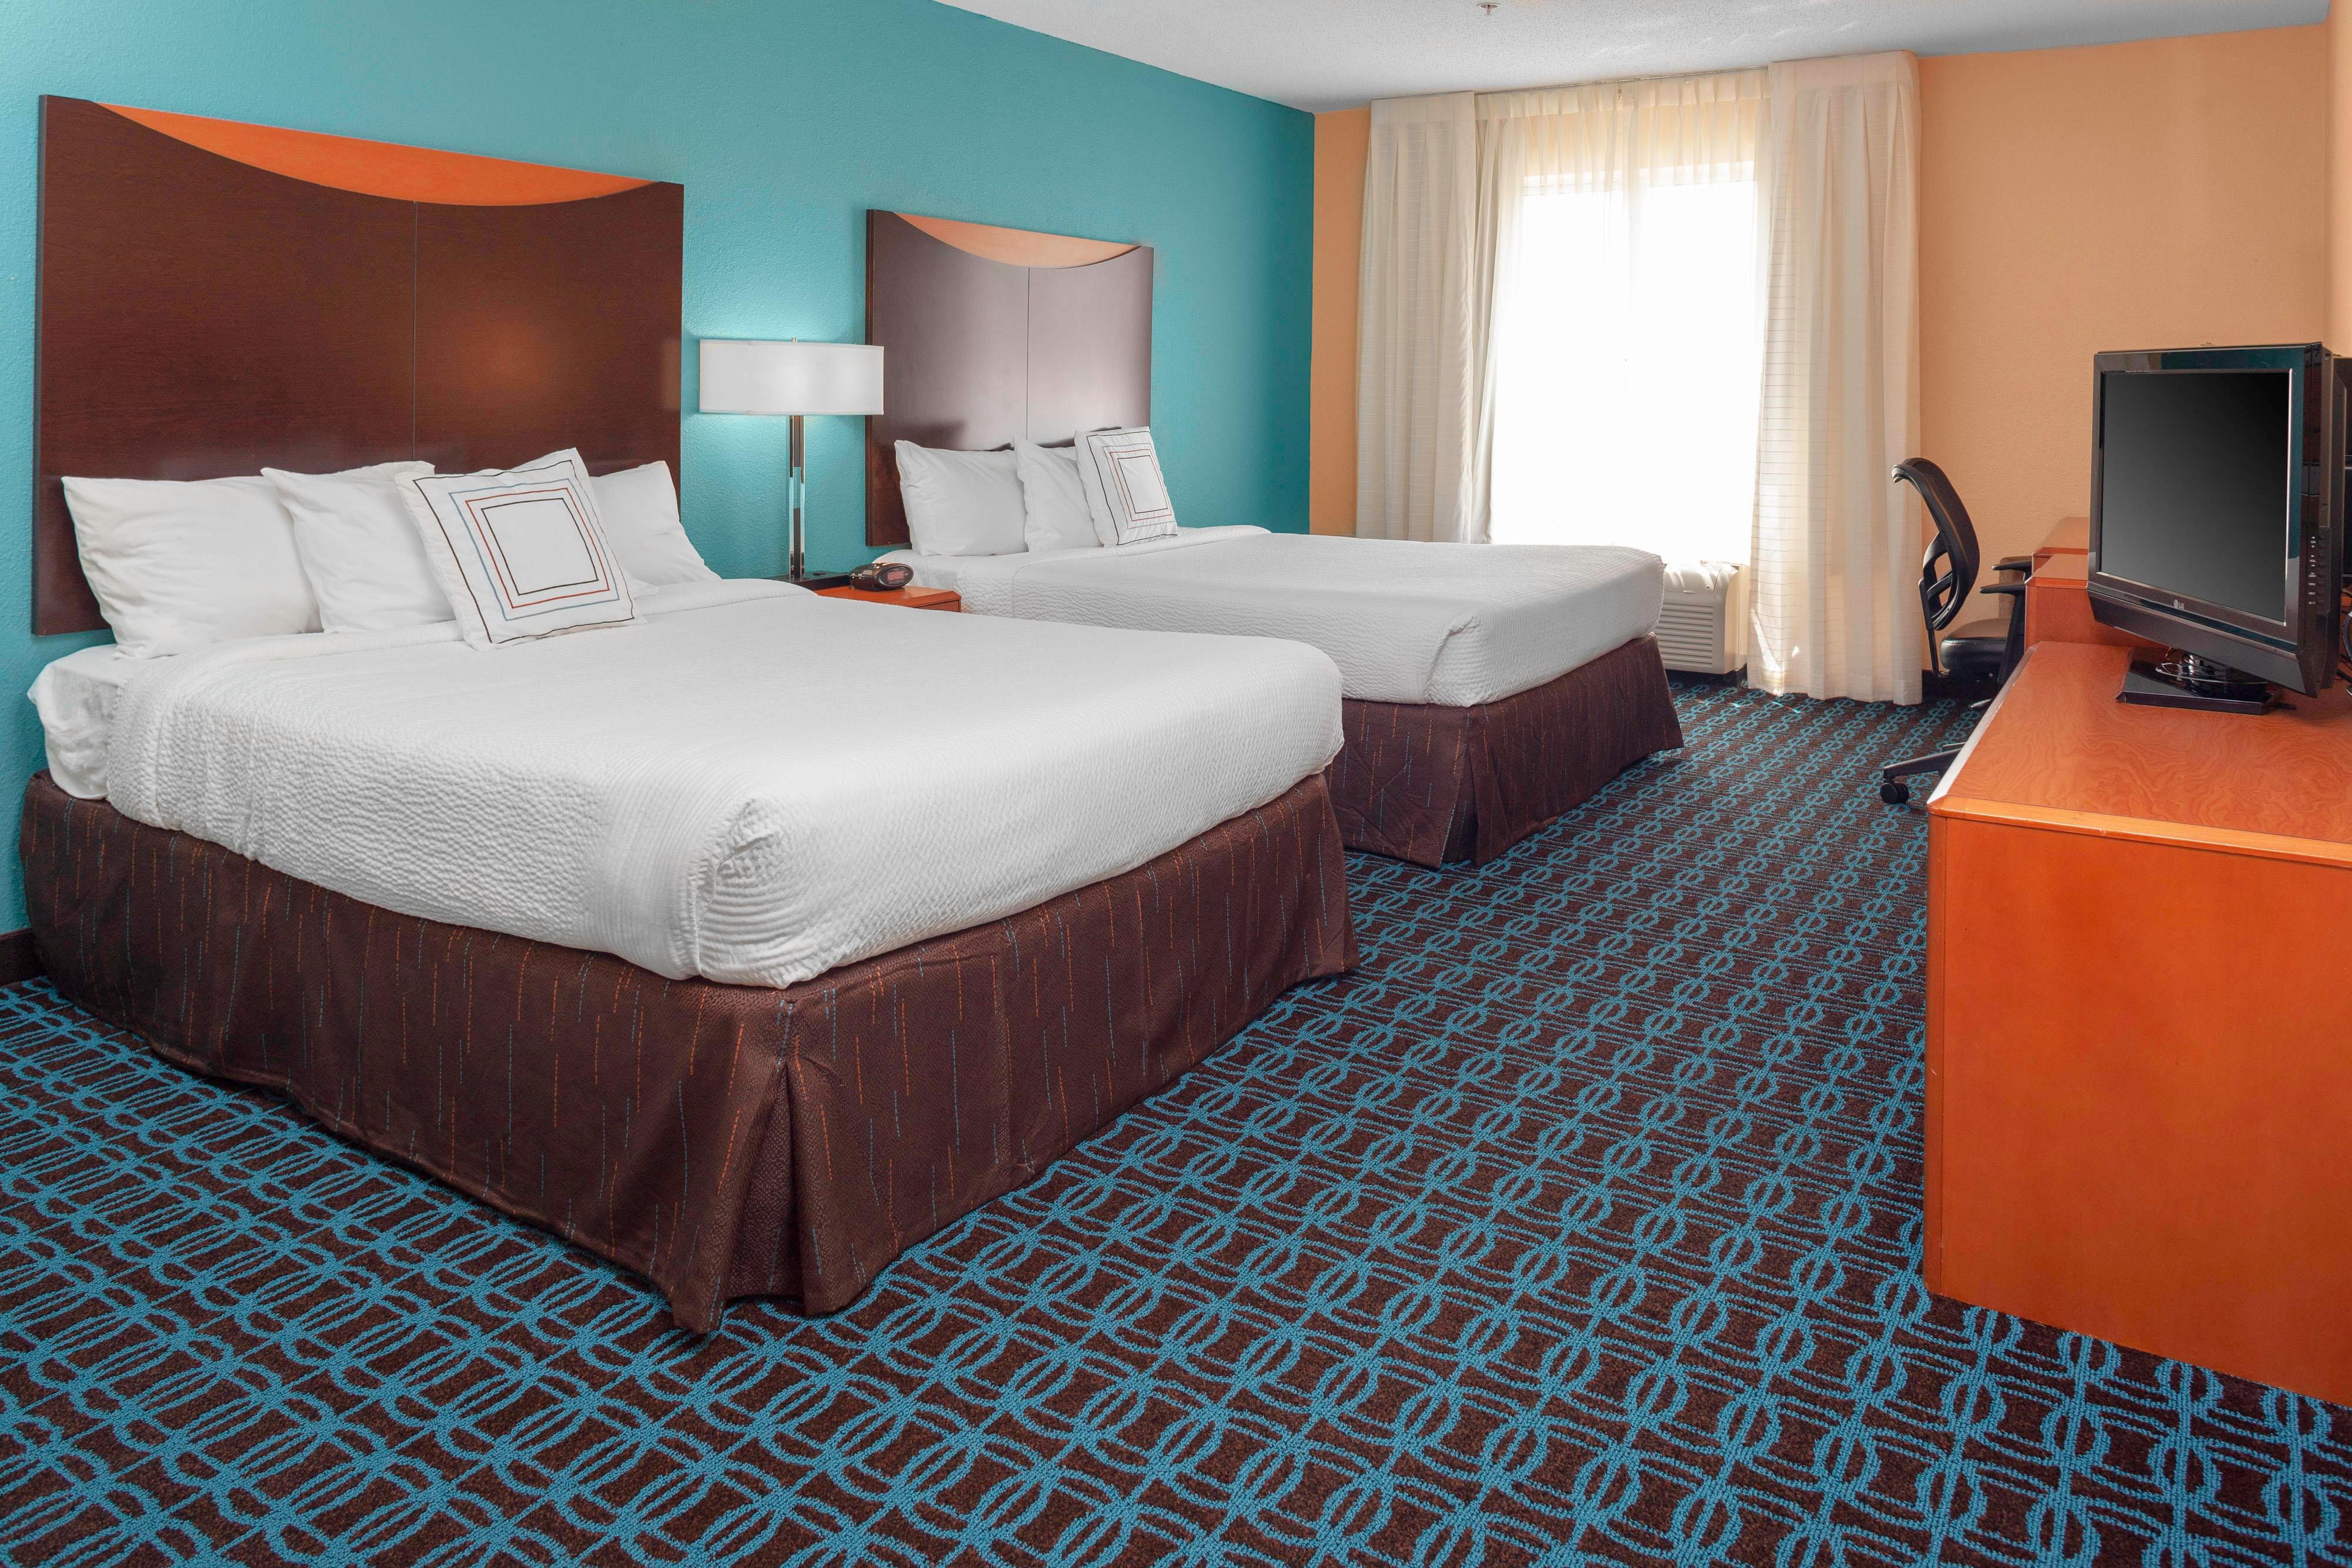 Chambre avec deux lits queen size